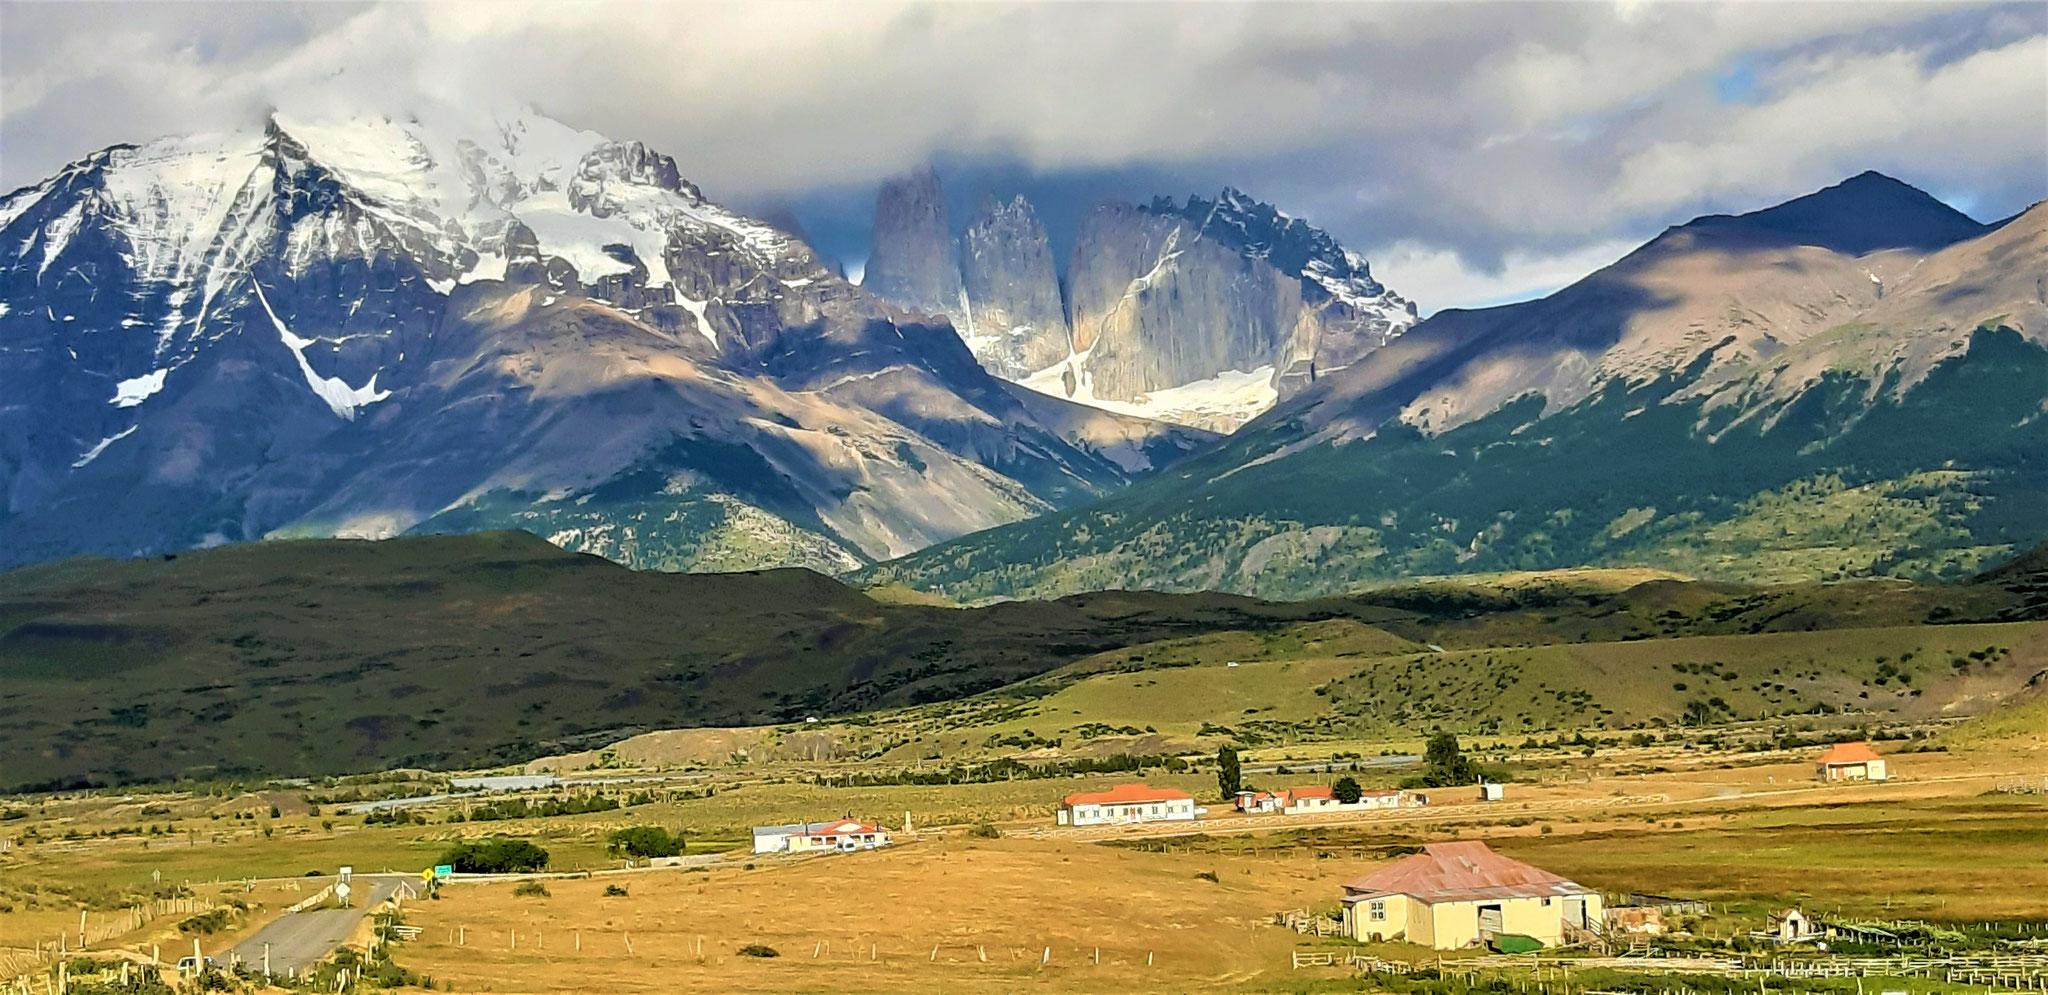 Estancia und Torres-Massiv